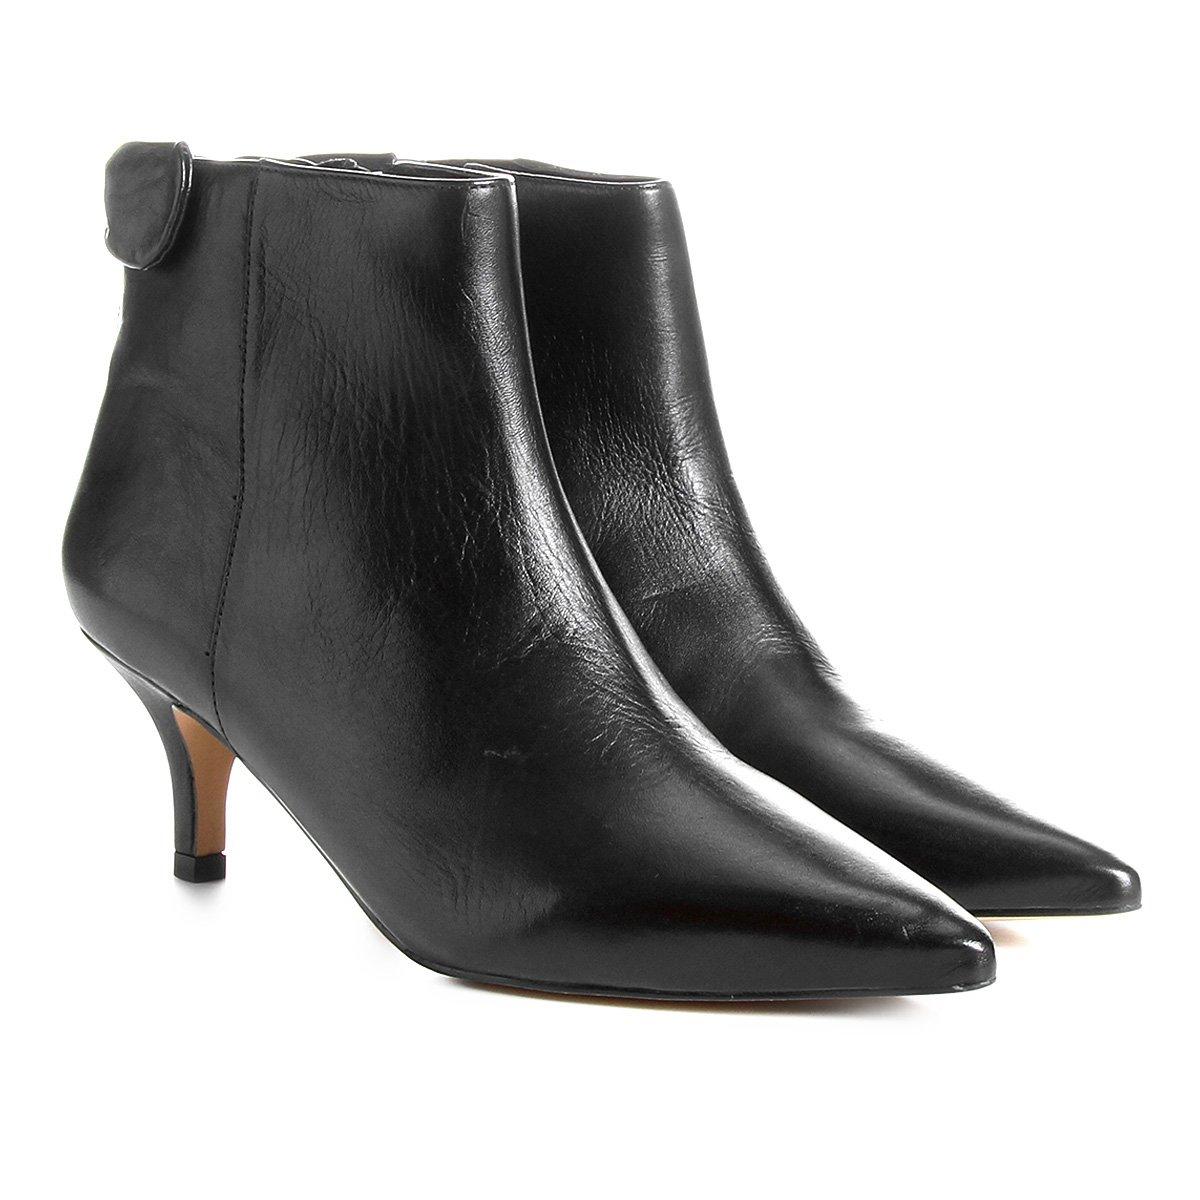 10ec496a6 Bota Couro Cano Curto Shoestock Nó Salto Curto Feminina - Compre Agora